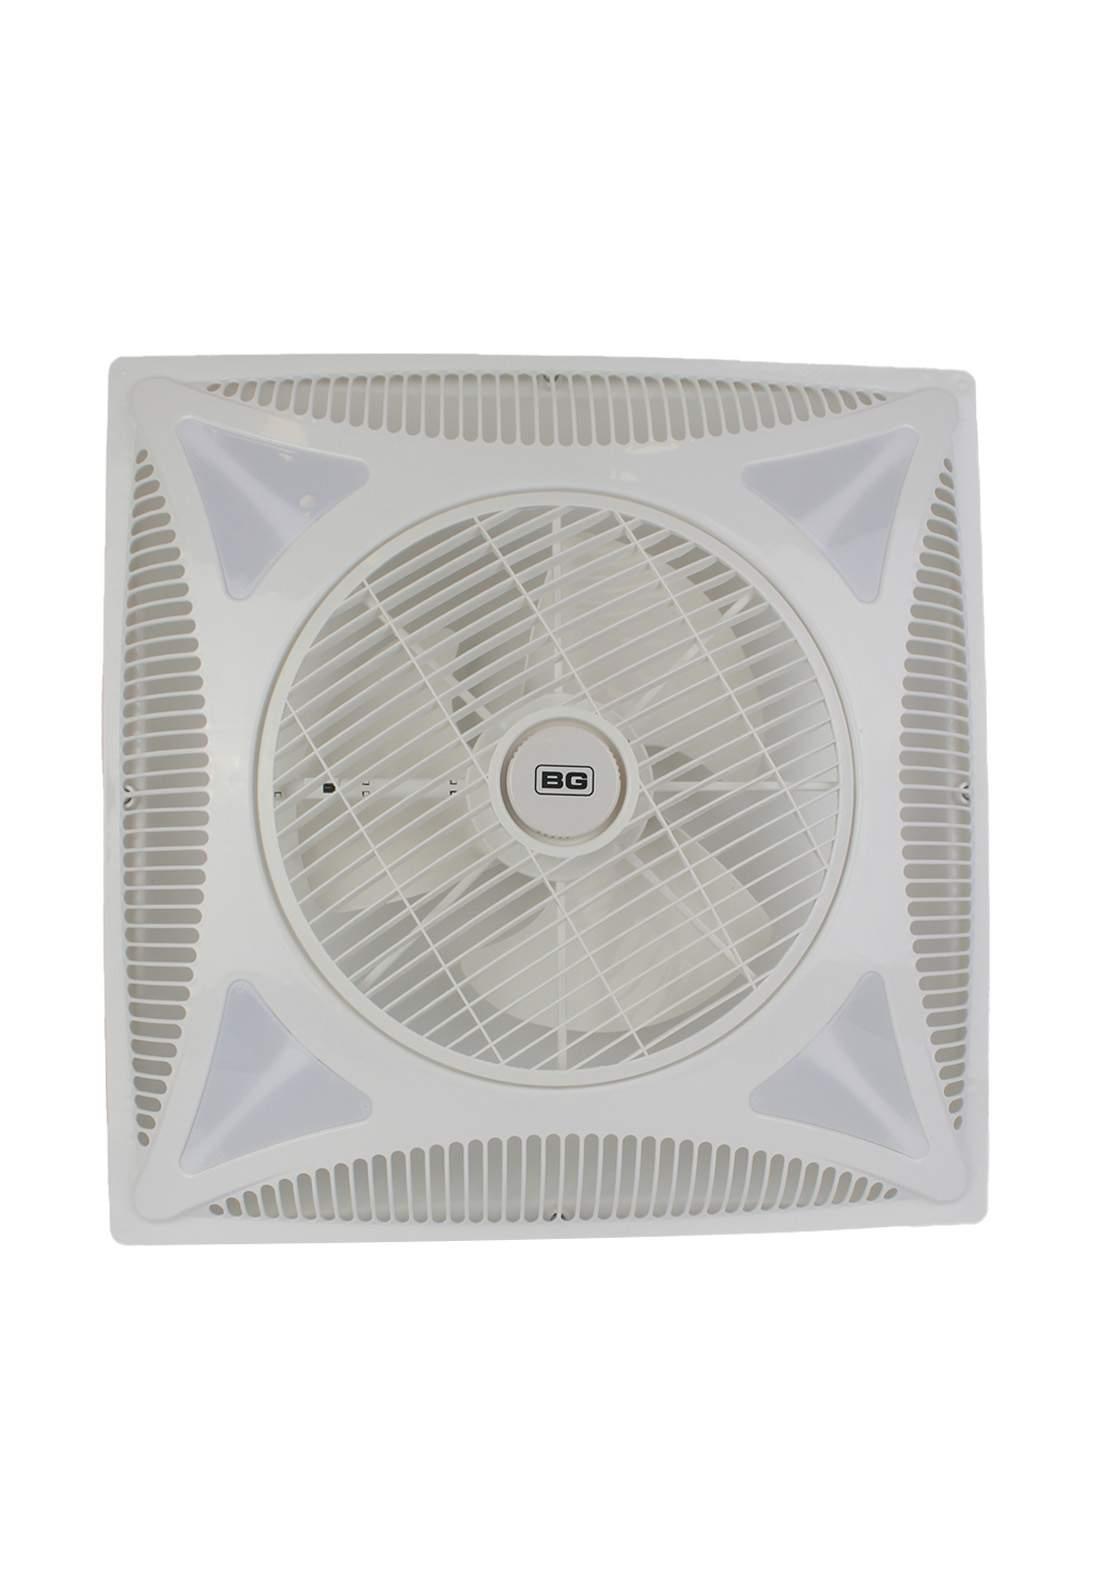 Bg BCF66R Ceiling Fan 14 inch مروحة سقف ثانوي